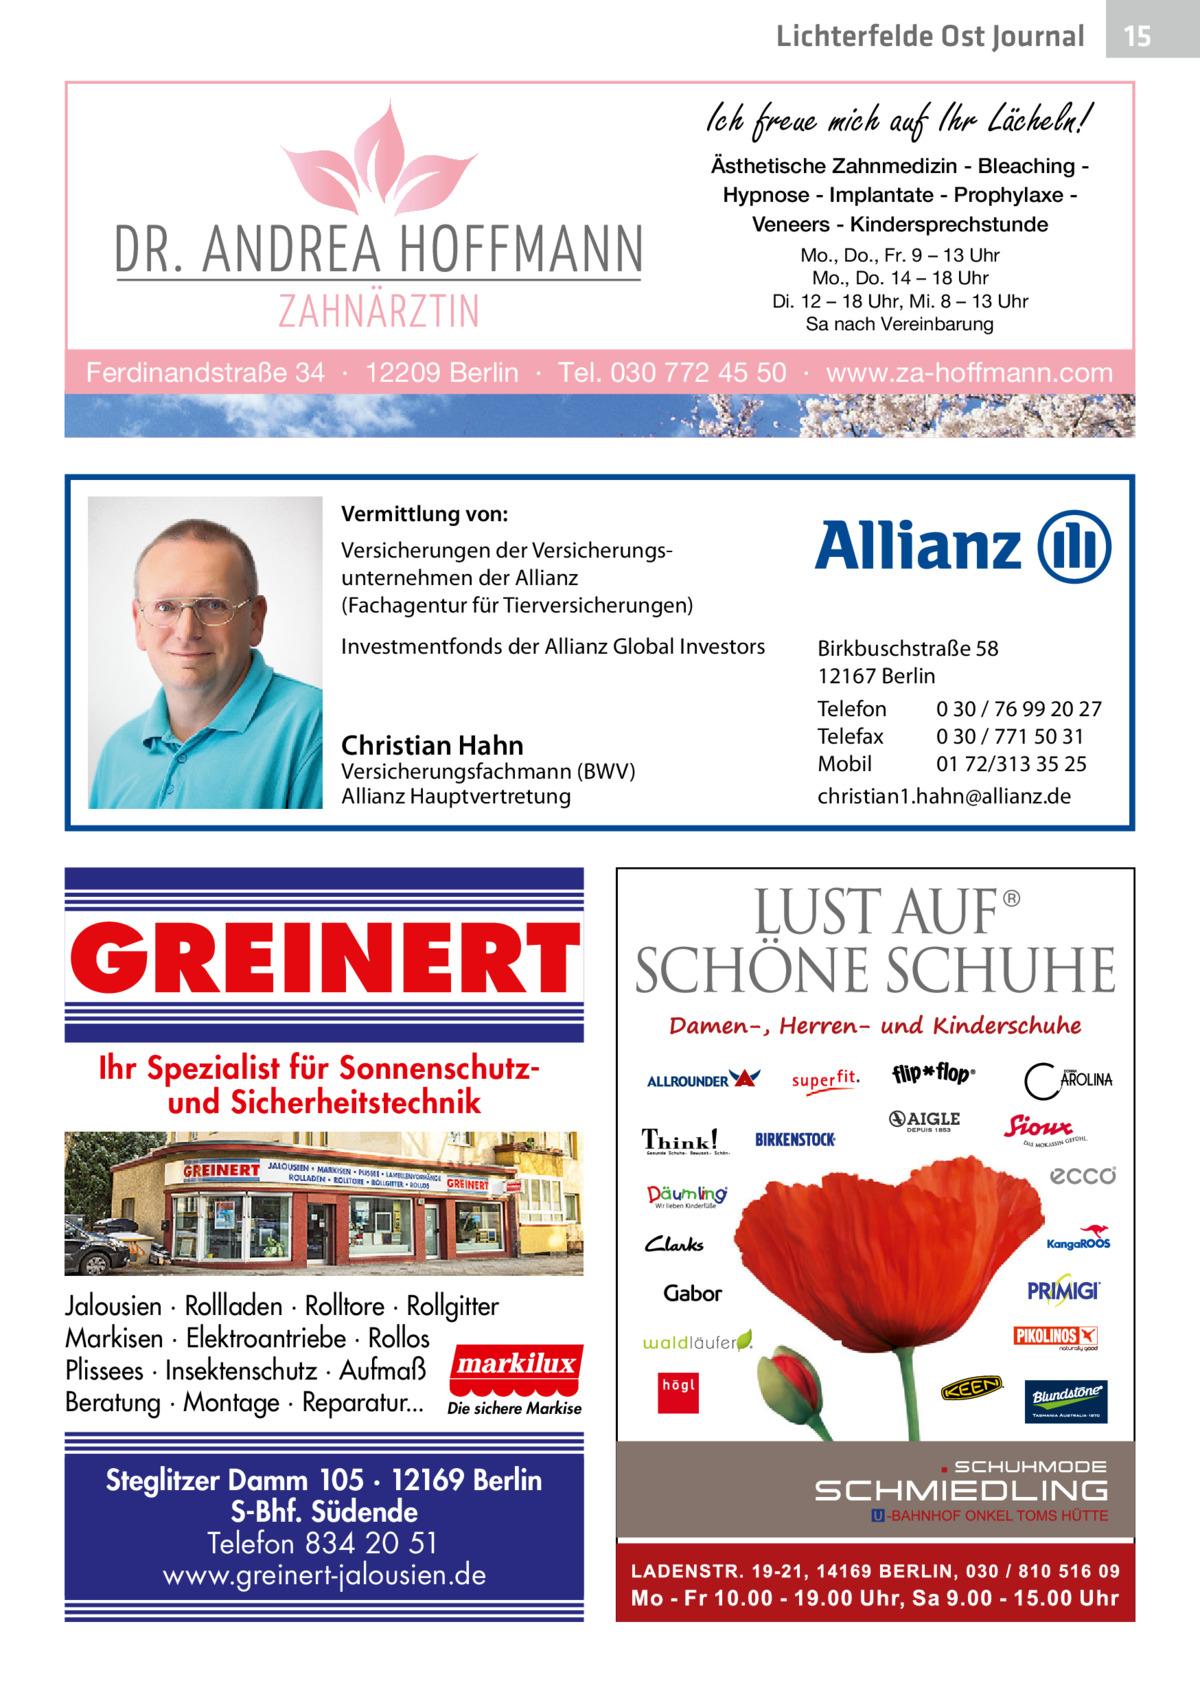 Lichterfelde Ost Journal  Ich freue mich auf Ihr Lächeln! Ästhetische Zahnmedizin - Bleaching Hypnose - Implantate - Prophylaxe Veneers - Kindersprechstunde Mo., Do., Fr. 9 – 13 Uhr Mo., Do. 14 – 18 Uhr Di. 12 – 18 Uhr, Mi. 8 – 13 Uhr Sa nach Vereinbarung  Ferdinandstraße 34 · 12209 Berlin · Tel. 030 772 45 50 · www.za-hoffmann.com  Vermittlung von: Versicherungen der Versicherungsunternehmen der Allianz (Fachagentur für Tierversicherungen) Investmentfonds der Allianz Global Investors  Christian Hahn  Versicherungsfachmann (BWV) Allianz Hauptvertretung  GREINERT Ihr Spezialist für Sonnenschutzund Sicherheitstechnik  Jalousien · Rollladen · Rolltore · Rollgitter Markisen · Elektroantriebe · Rollos Plissees · Insektenschutz · Aufmaß Beratung · Montage · Reparatur... Die sichere Markise  Steglitzer Damm 105 · 12169 Berlin S-Bhf. Südende Telefon 834 20 51 www.greinert-jalousien.de  Birkbuschstraße 58 12167 Berlin Telefon 0 30 / 76 99 20 27 Telefax 0 30 / 771 50 31 Mobil 01 72/313 35 25 christian1.hahn@allianz.de  15 15